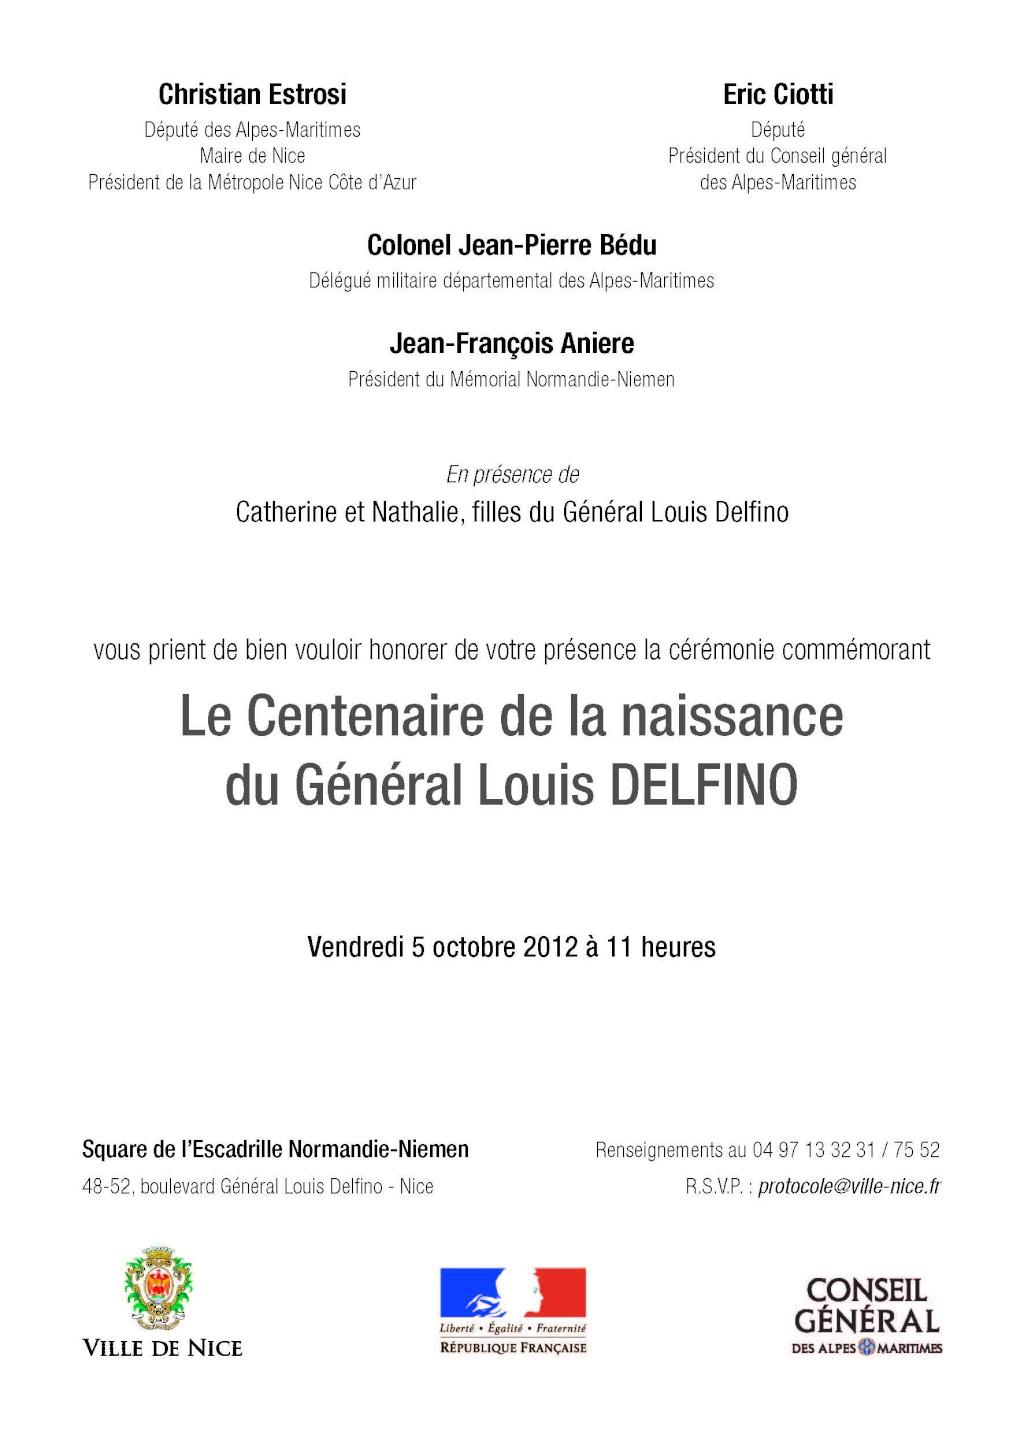 centenaire de la naissance du général Louis Delfino Carton10